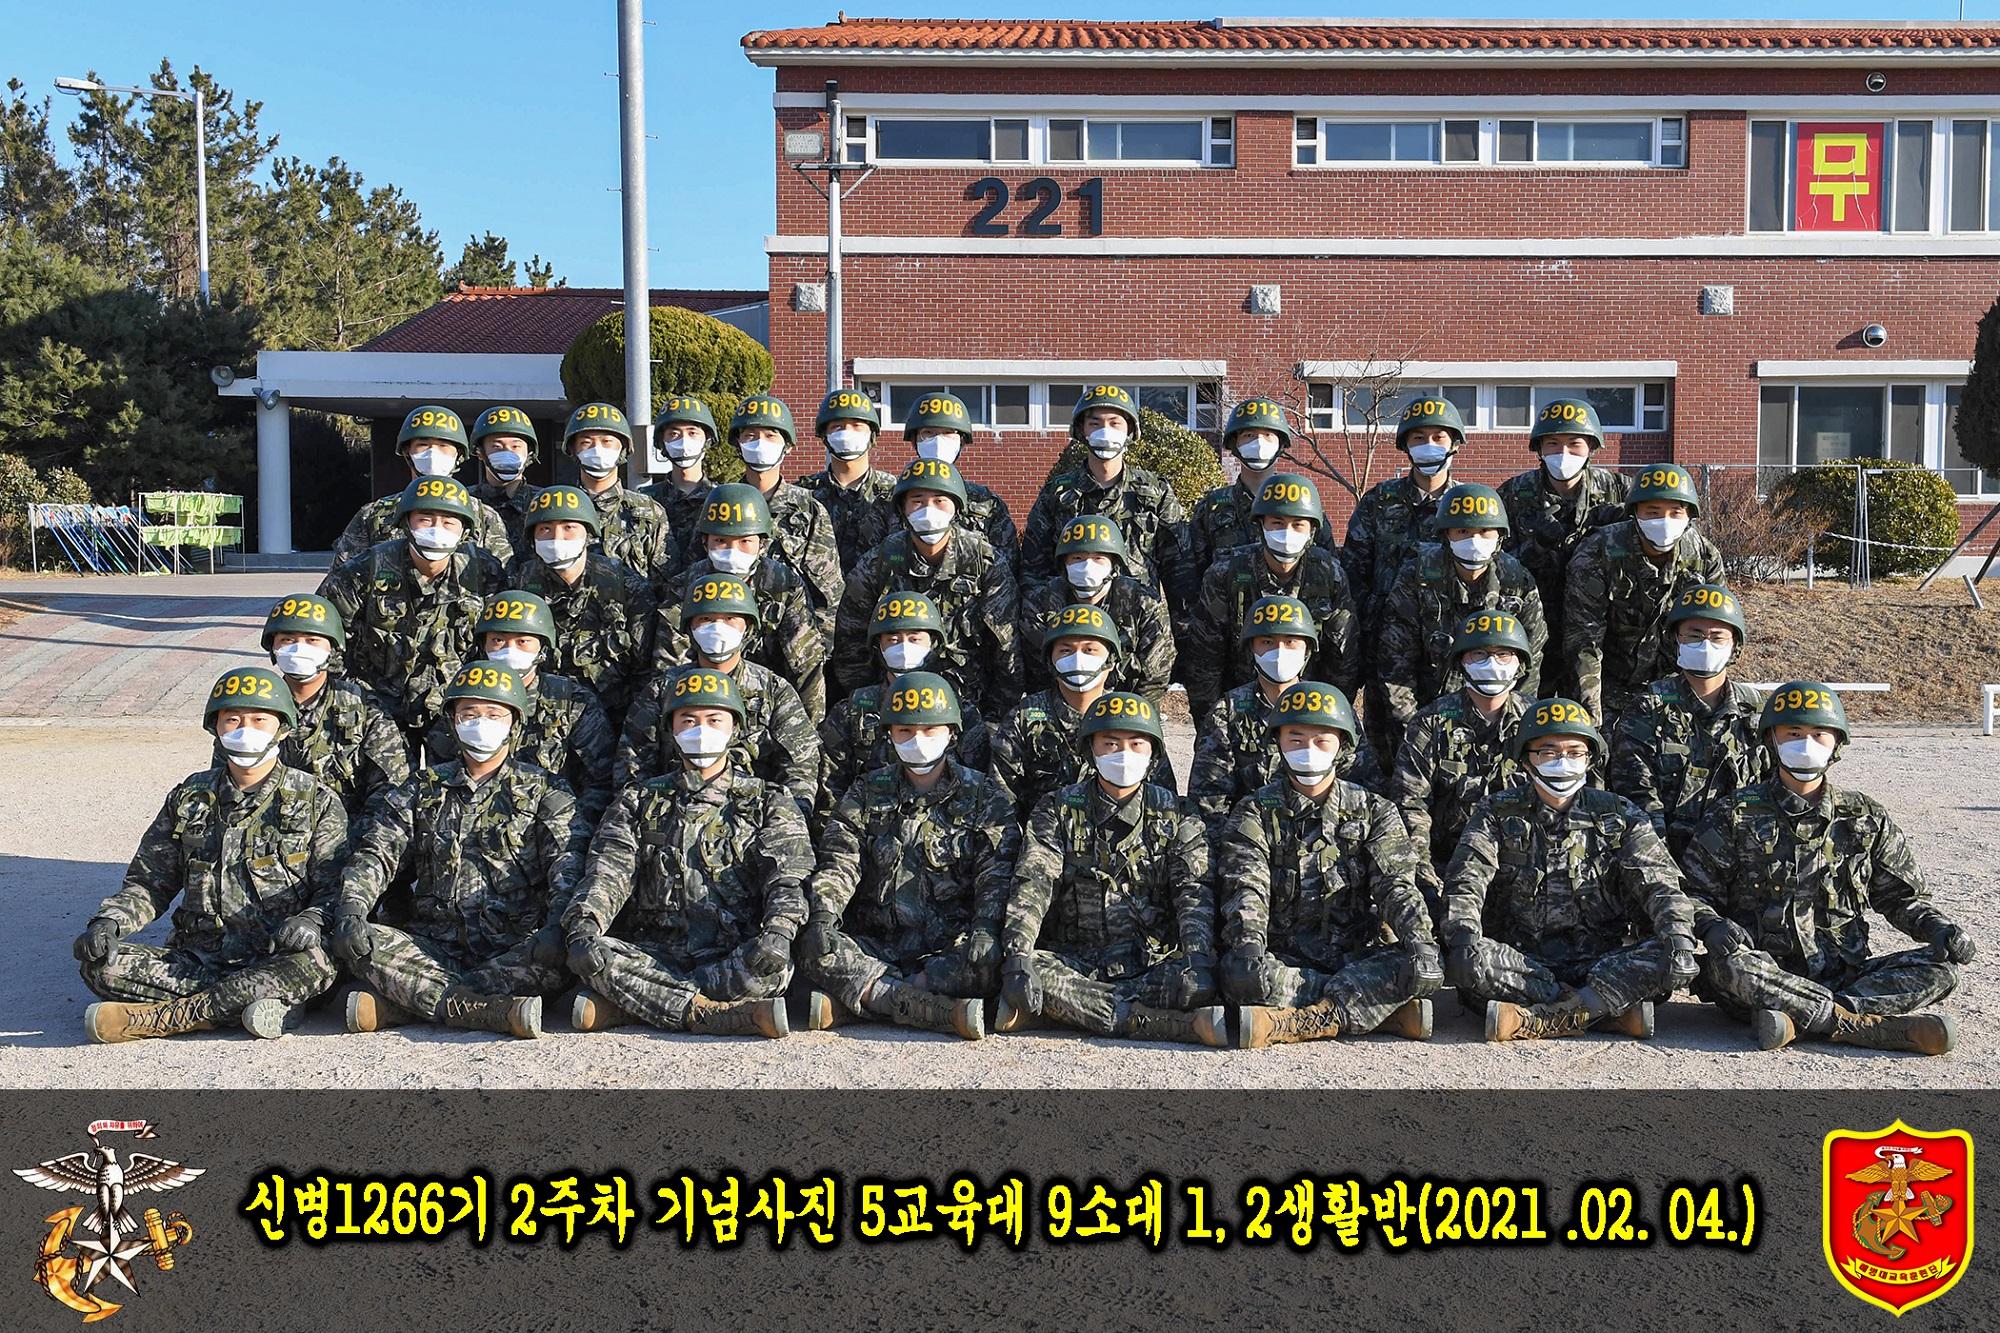 해병대 신병 1266기 5교육대 3주차 생활반 사진 15.jpg